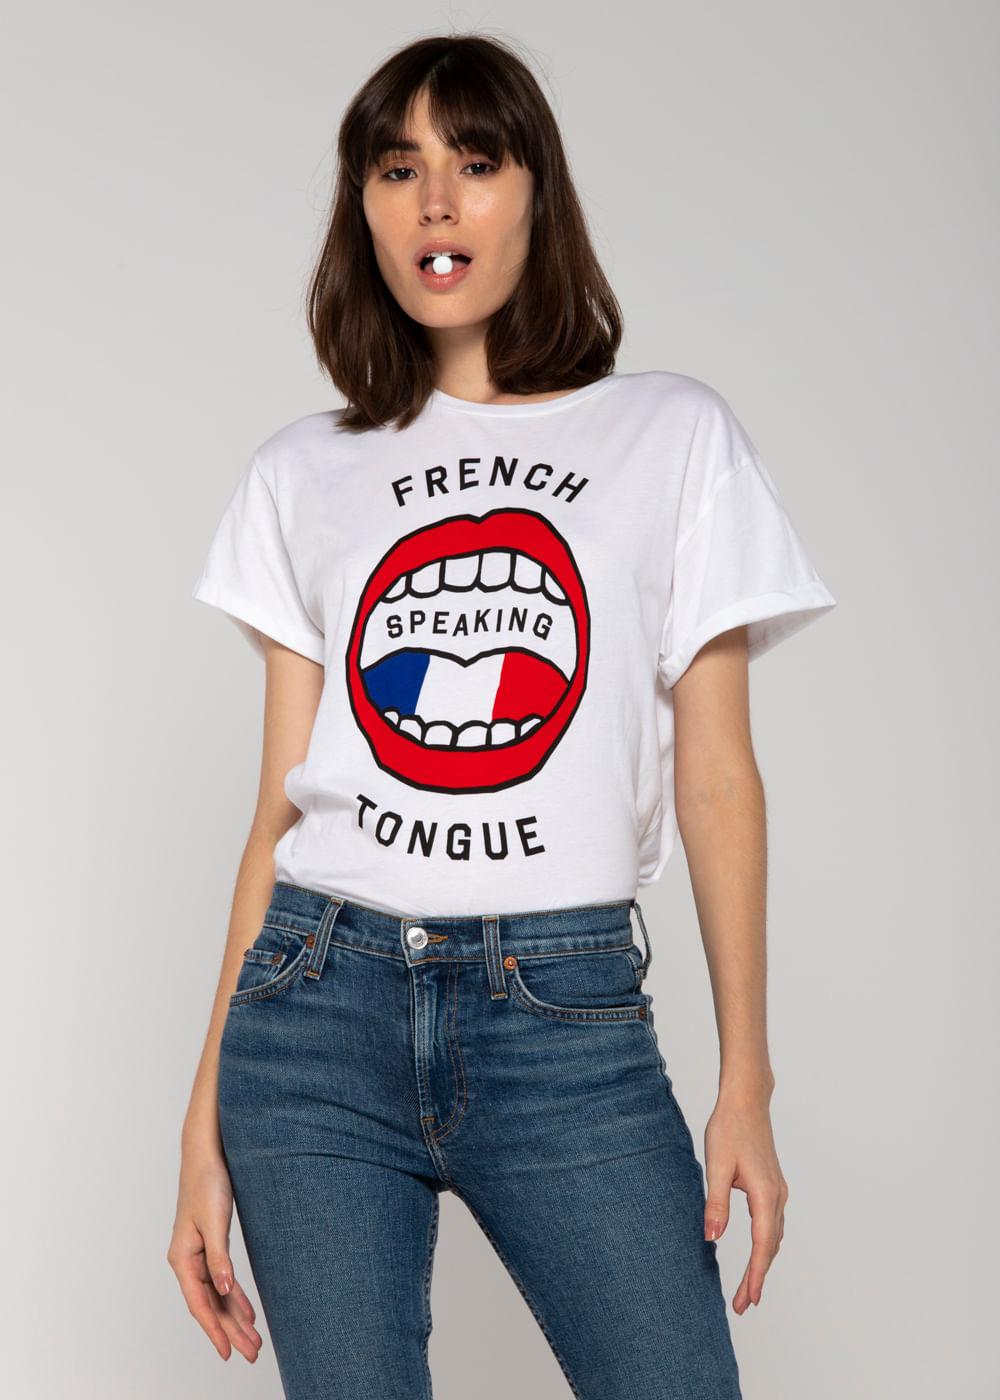 Camiseta French Tongue Oversized Branca G